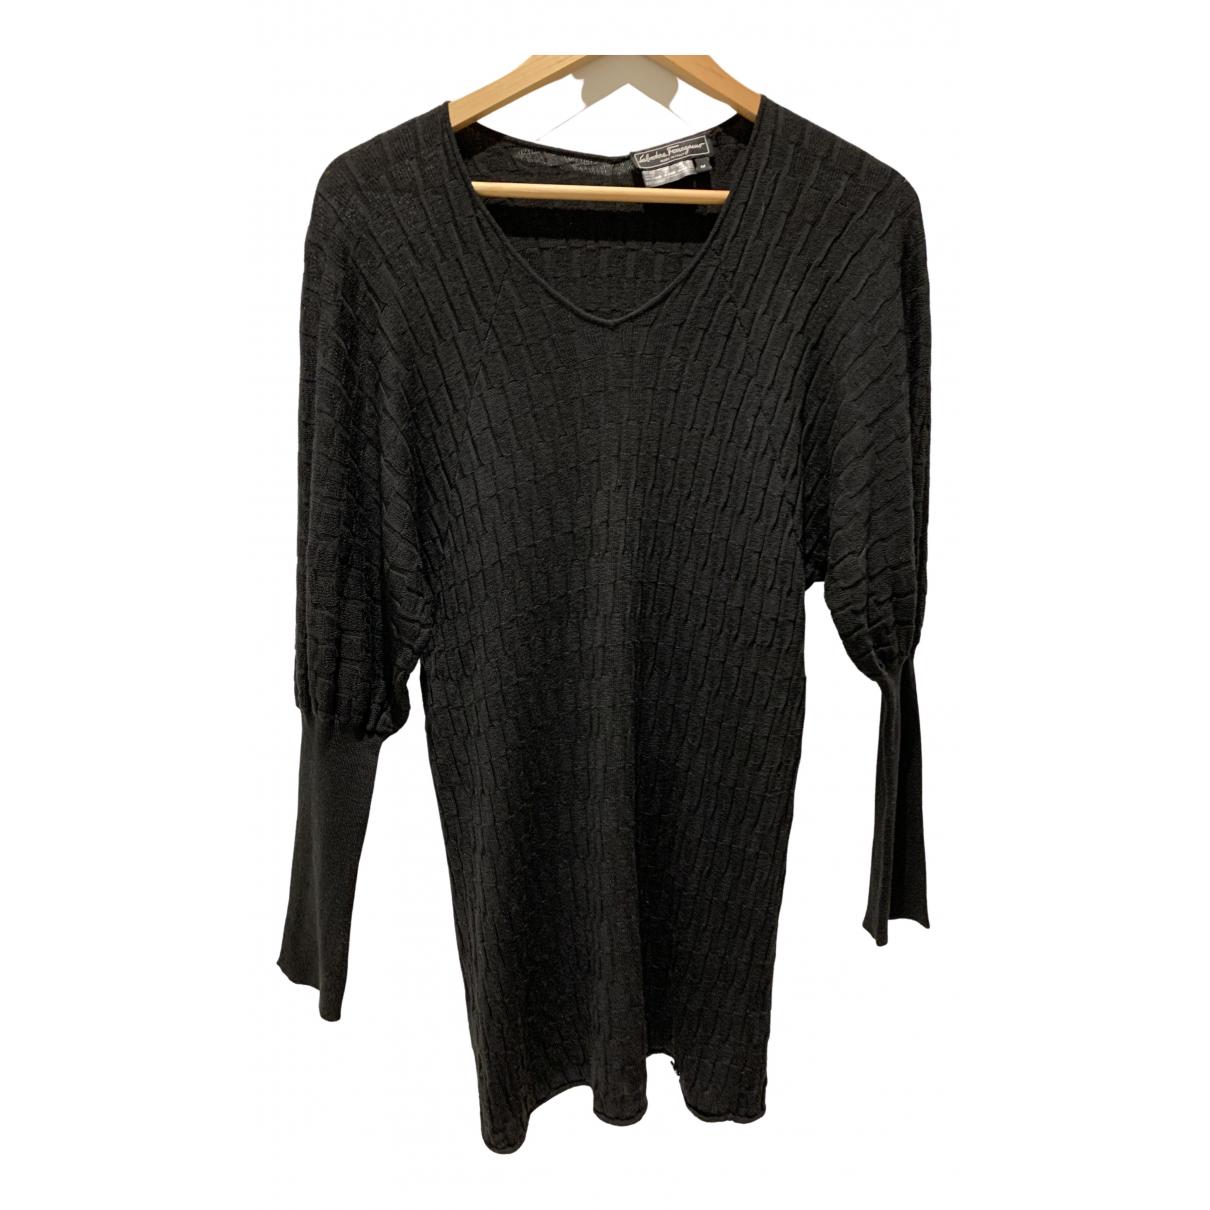 Salvatore Ferragamo \N Pullover in  Schwarz Wolle